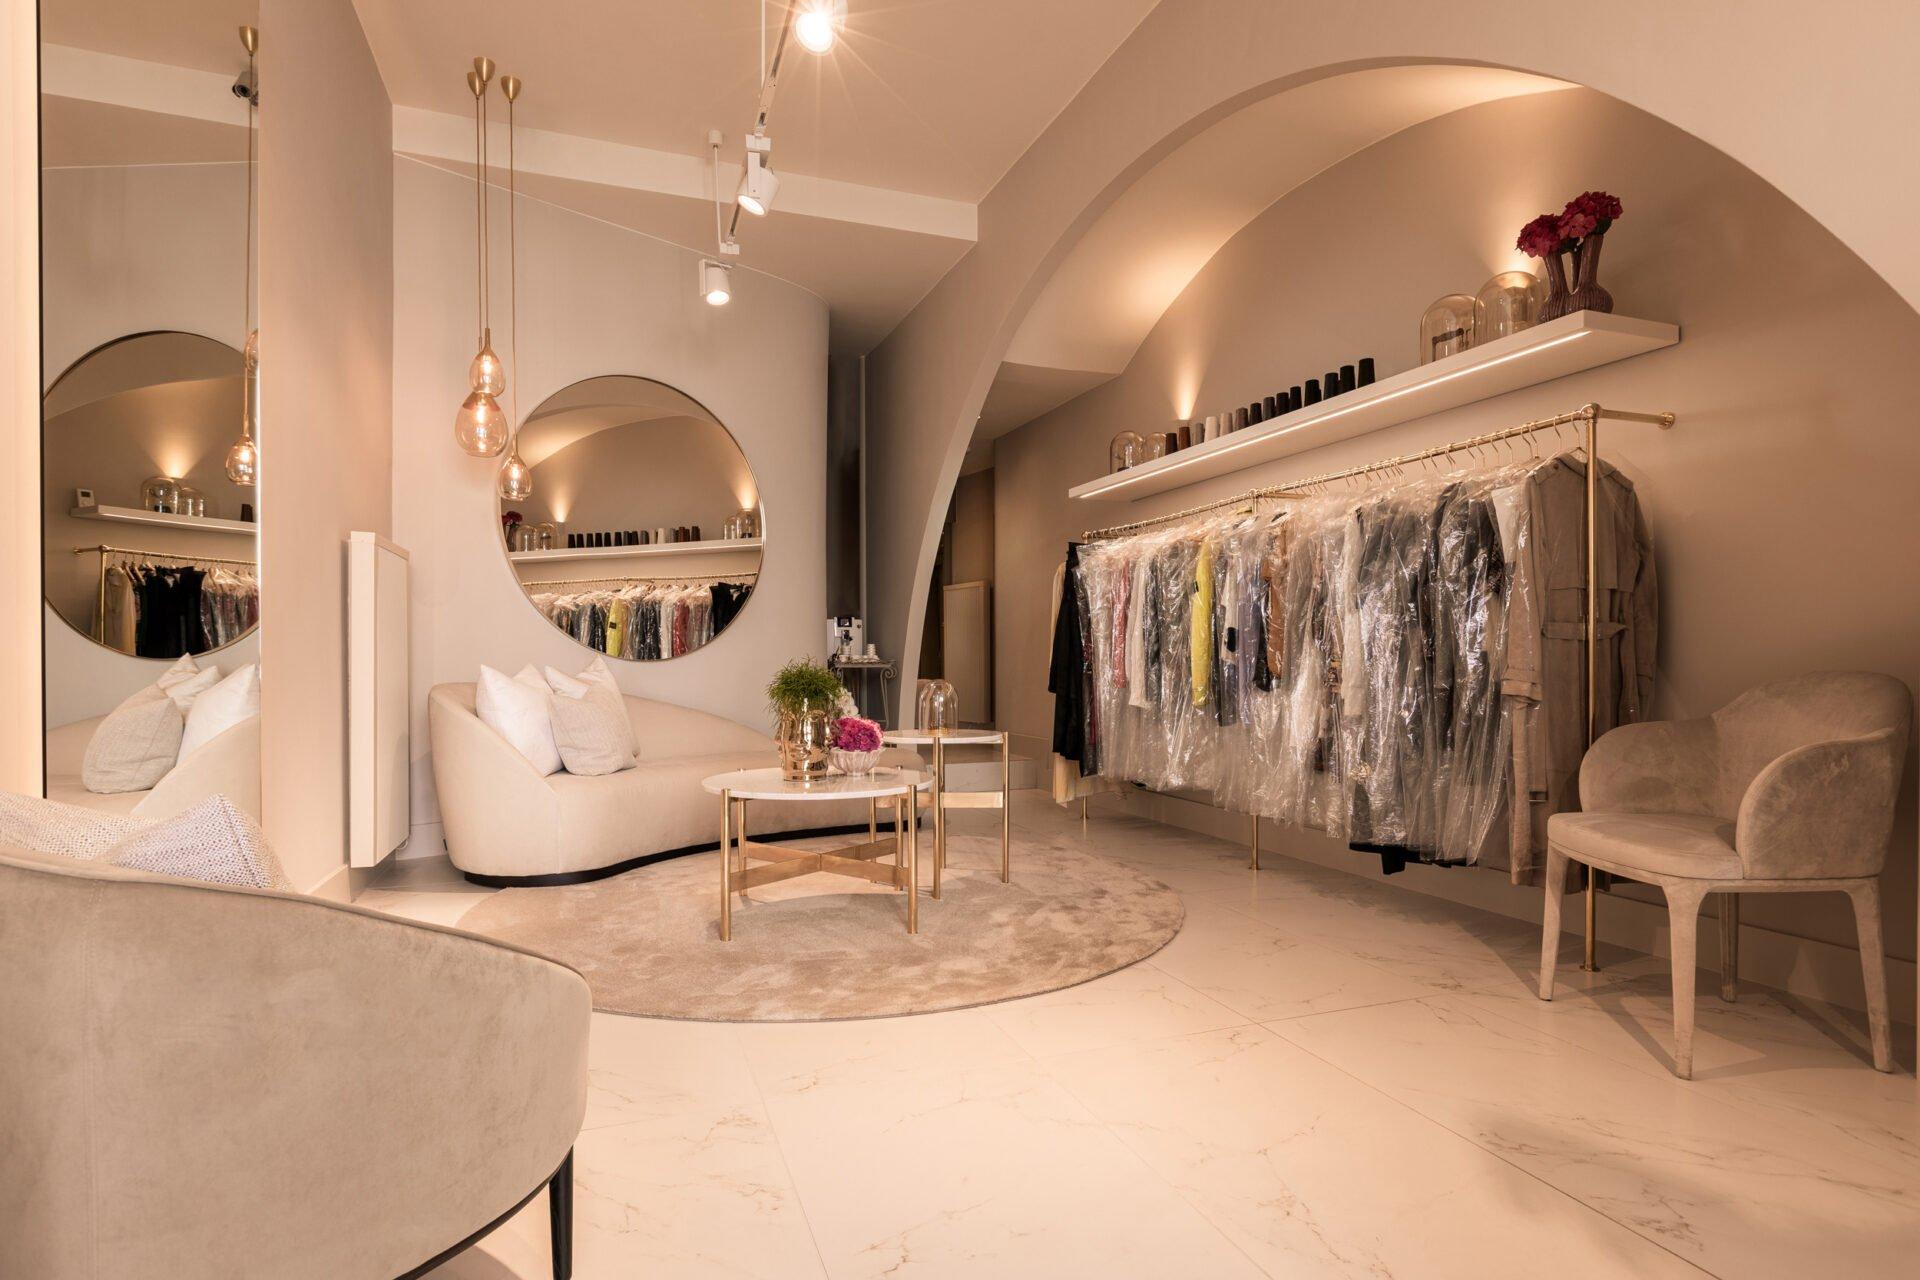 interior design sewing boutique